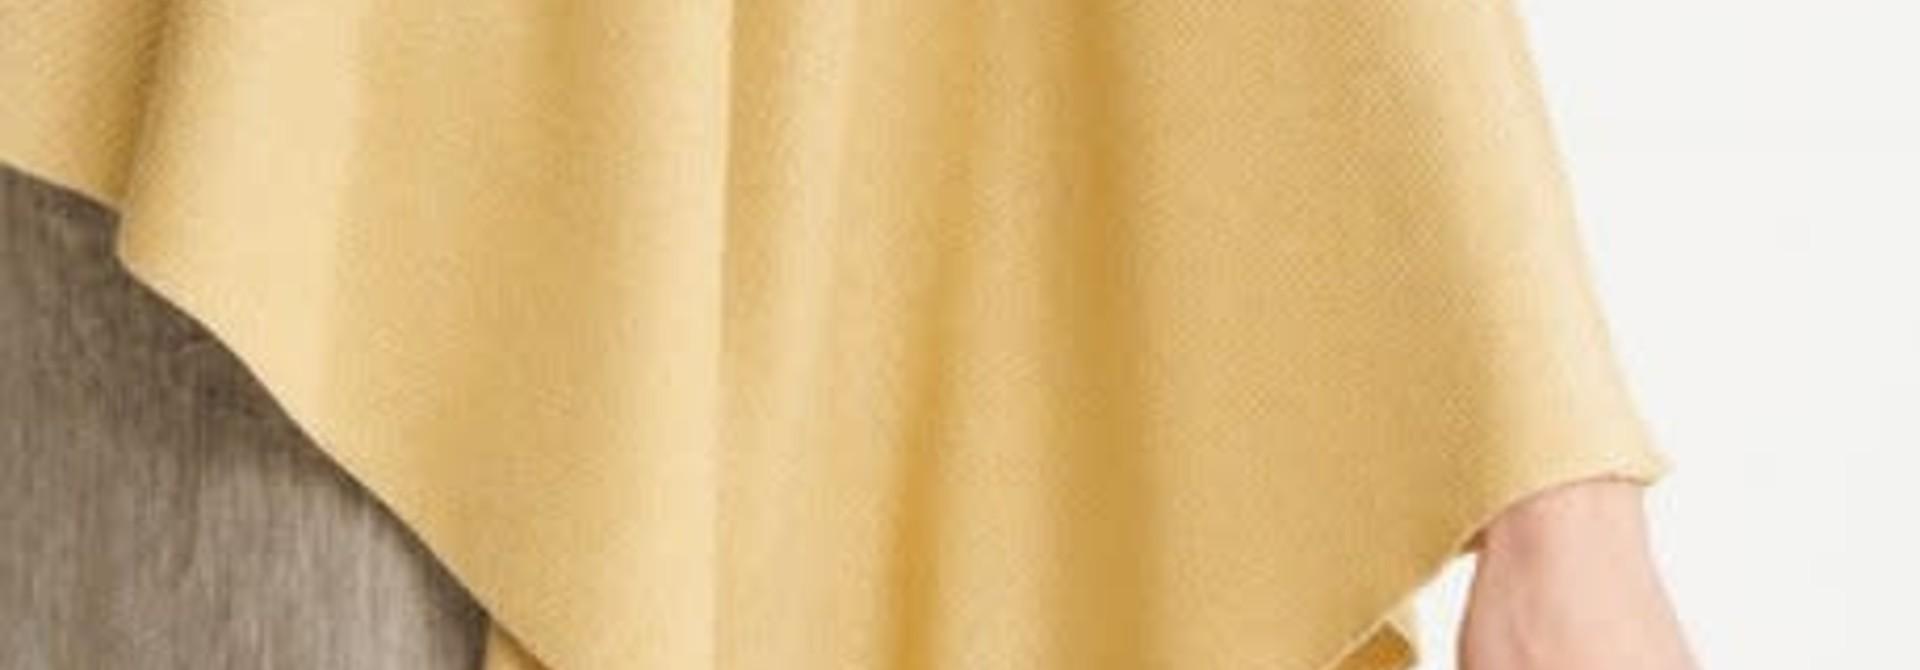 Poncho fabiana Filippi MAD270W308